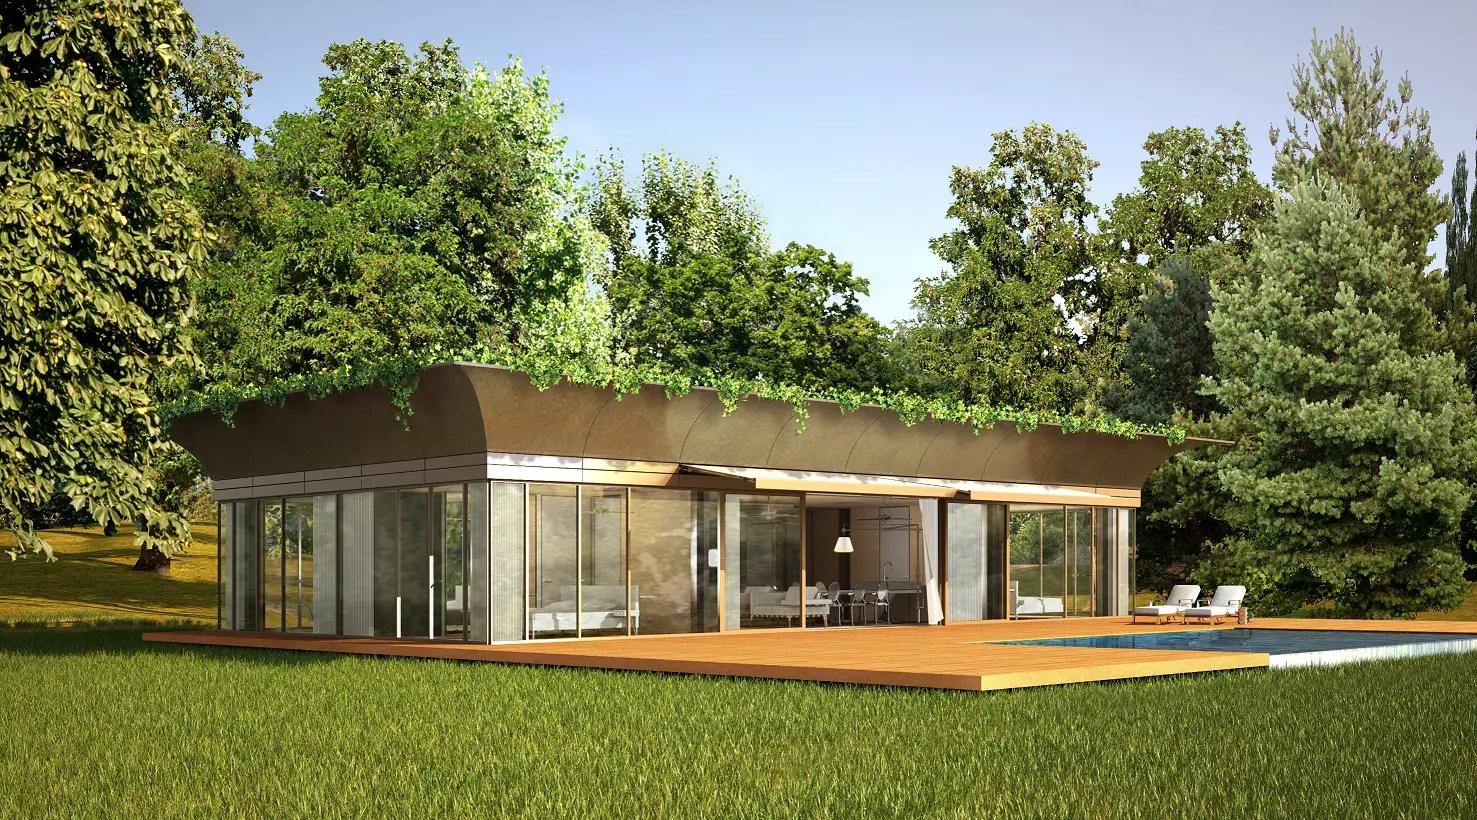 Maison cologique en kit Starck  Riko design et technologique  Maison eco bois